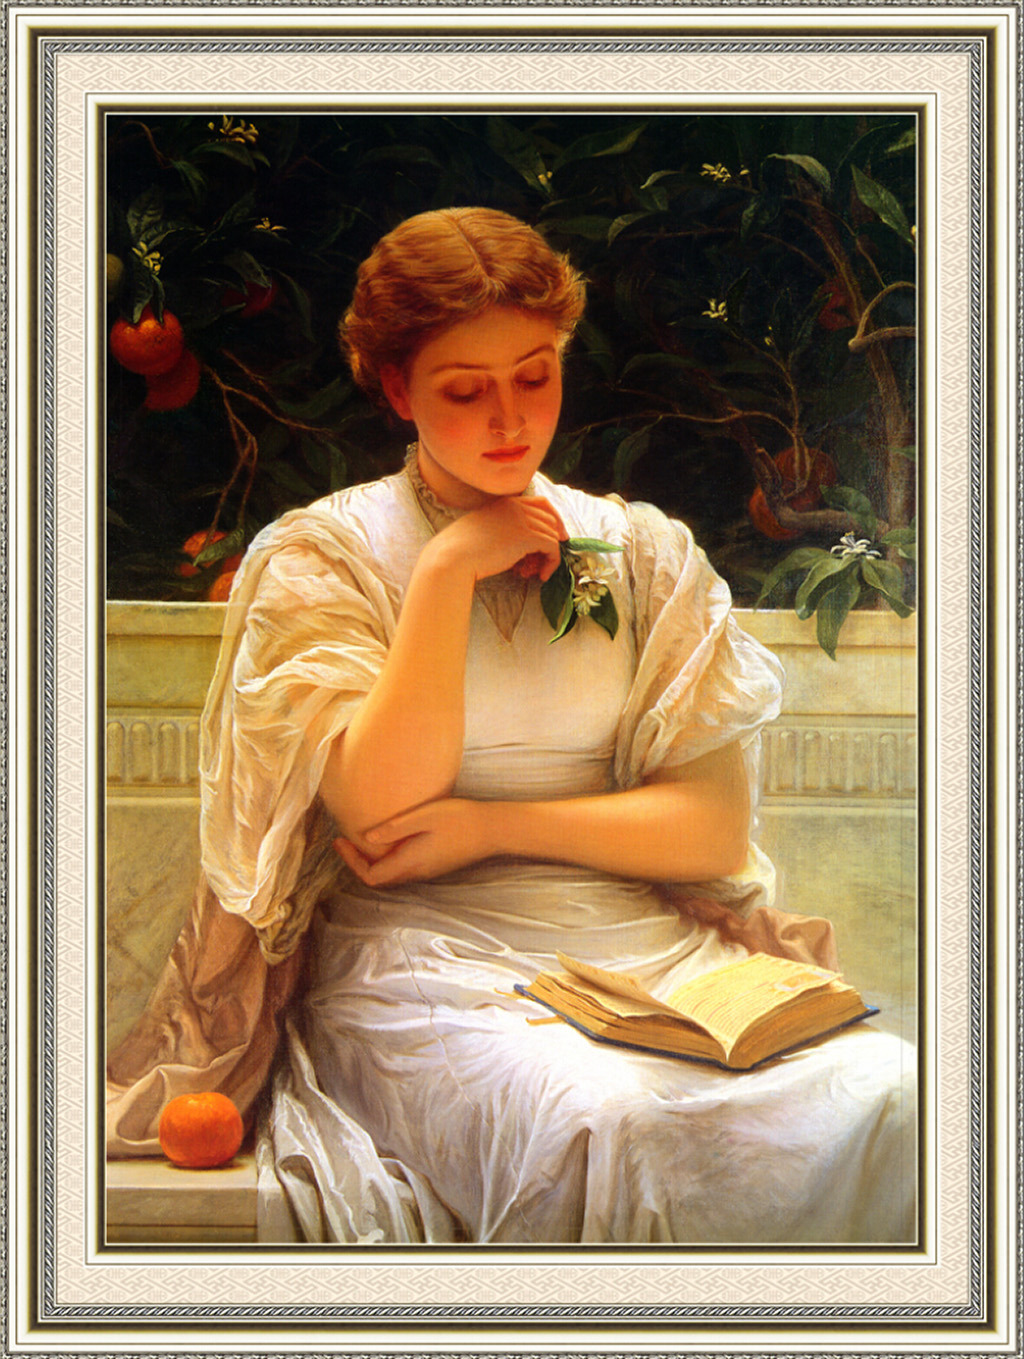 油画 读书/[版权图片]花园里的读书少女油画